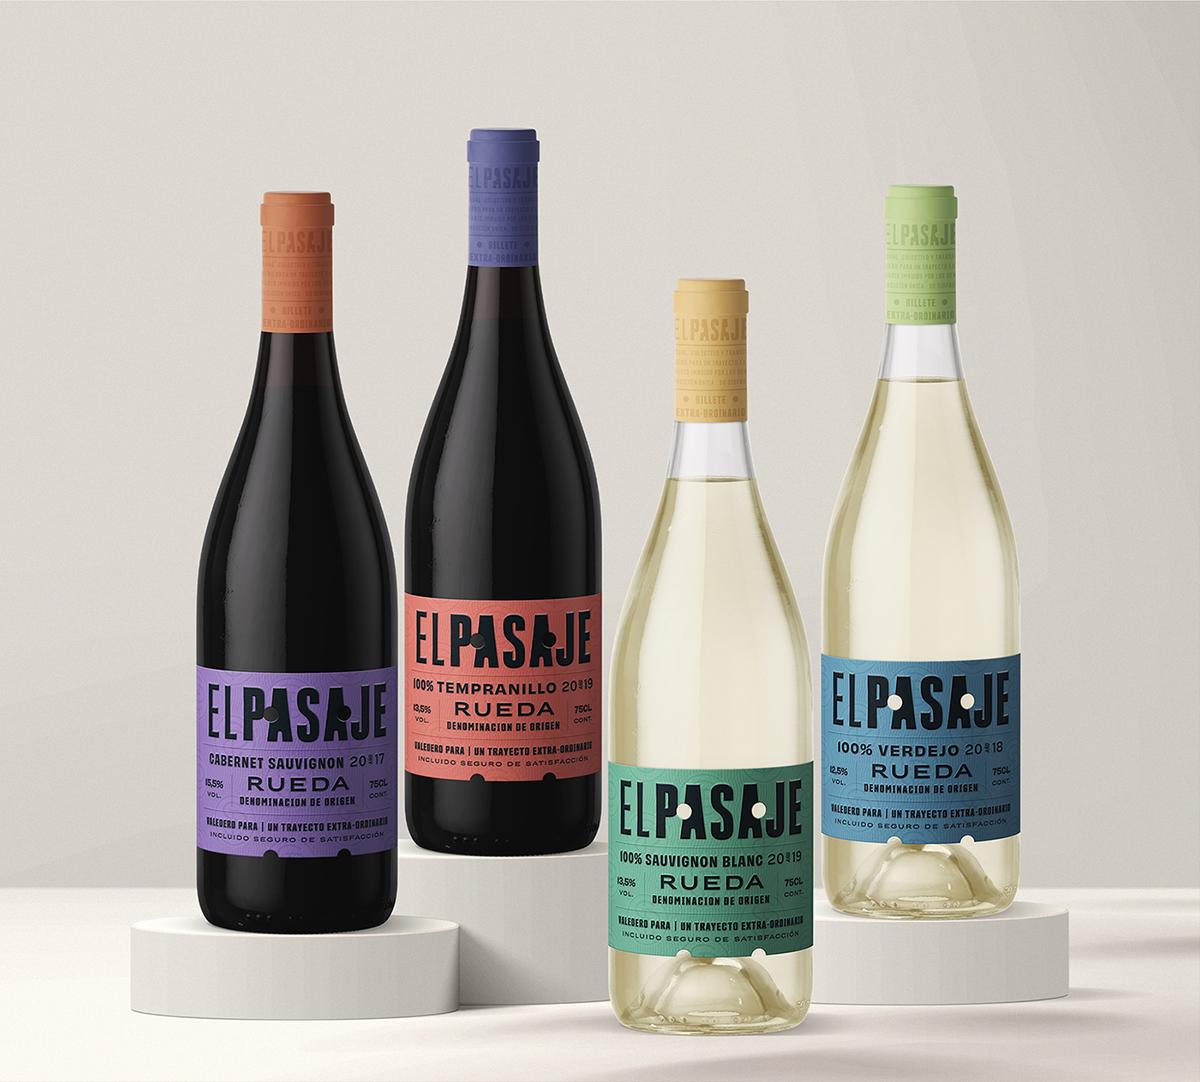 El Pasaje Winery Concept Designed by Luis Utrillas